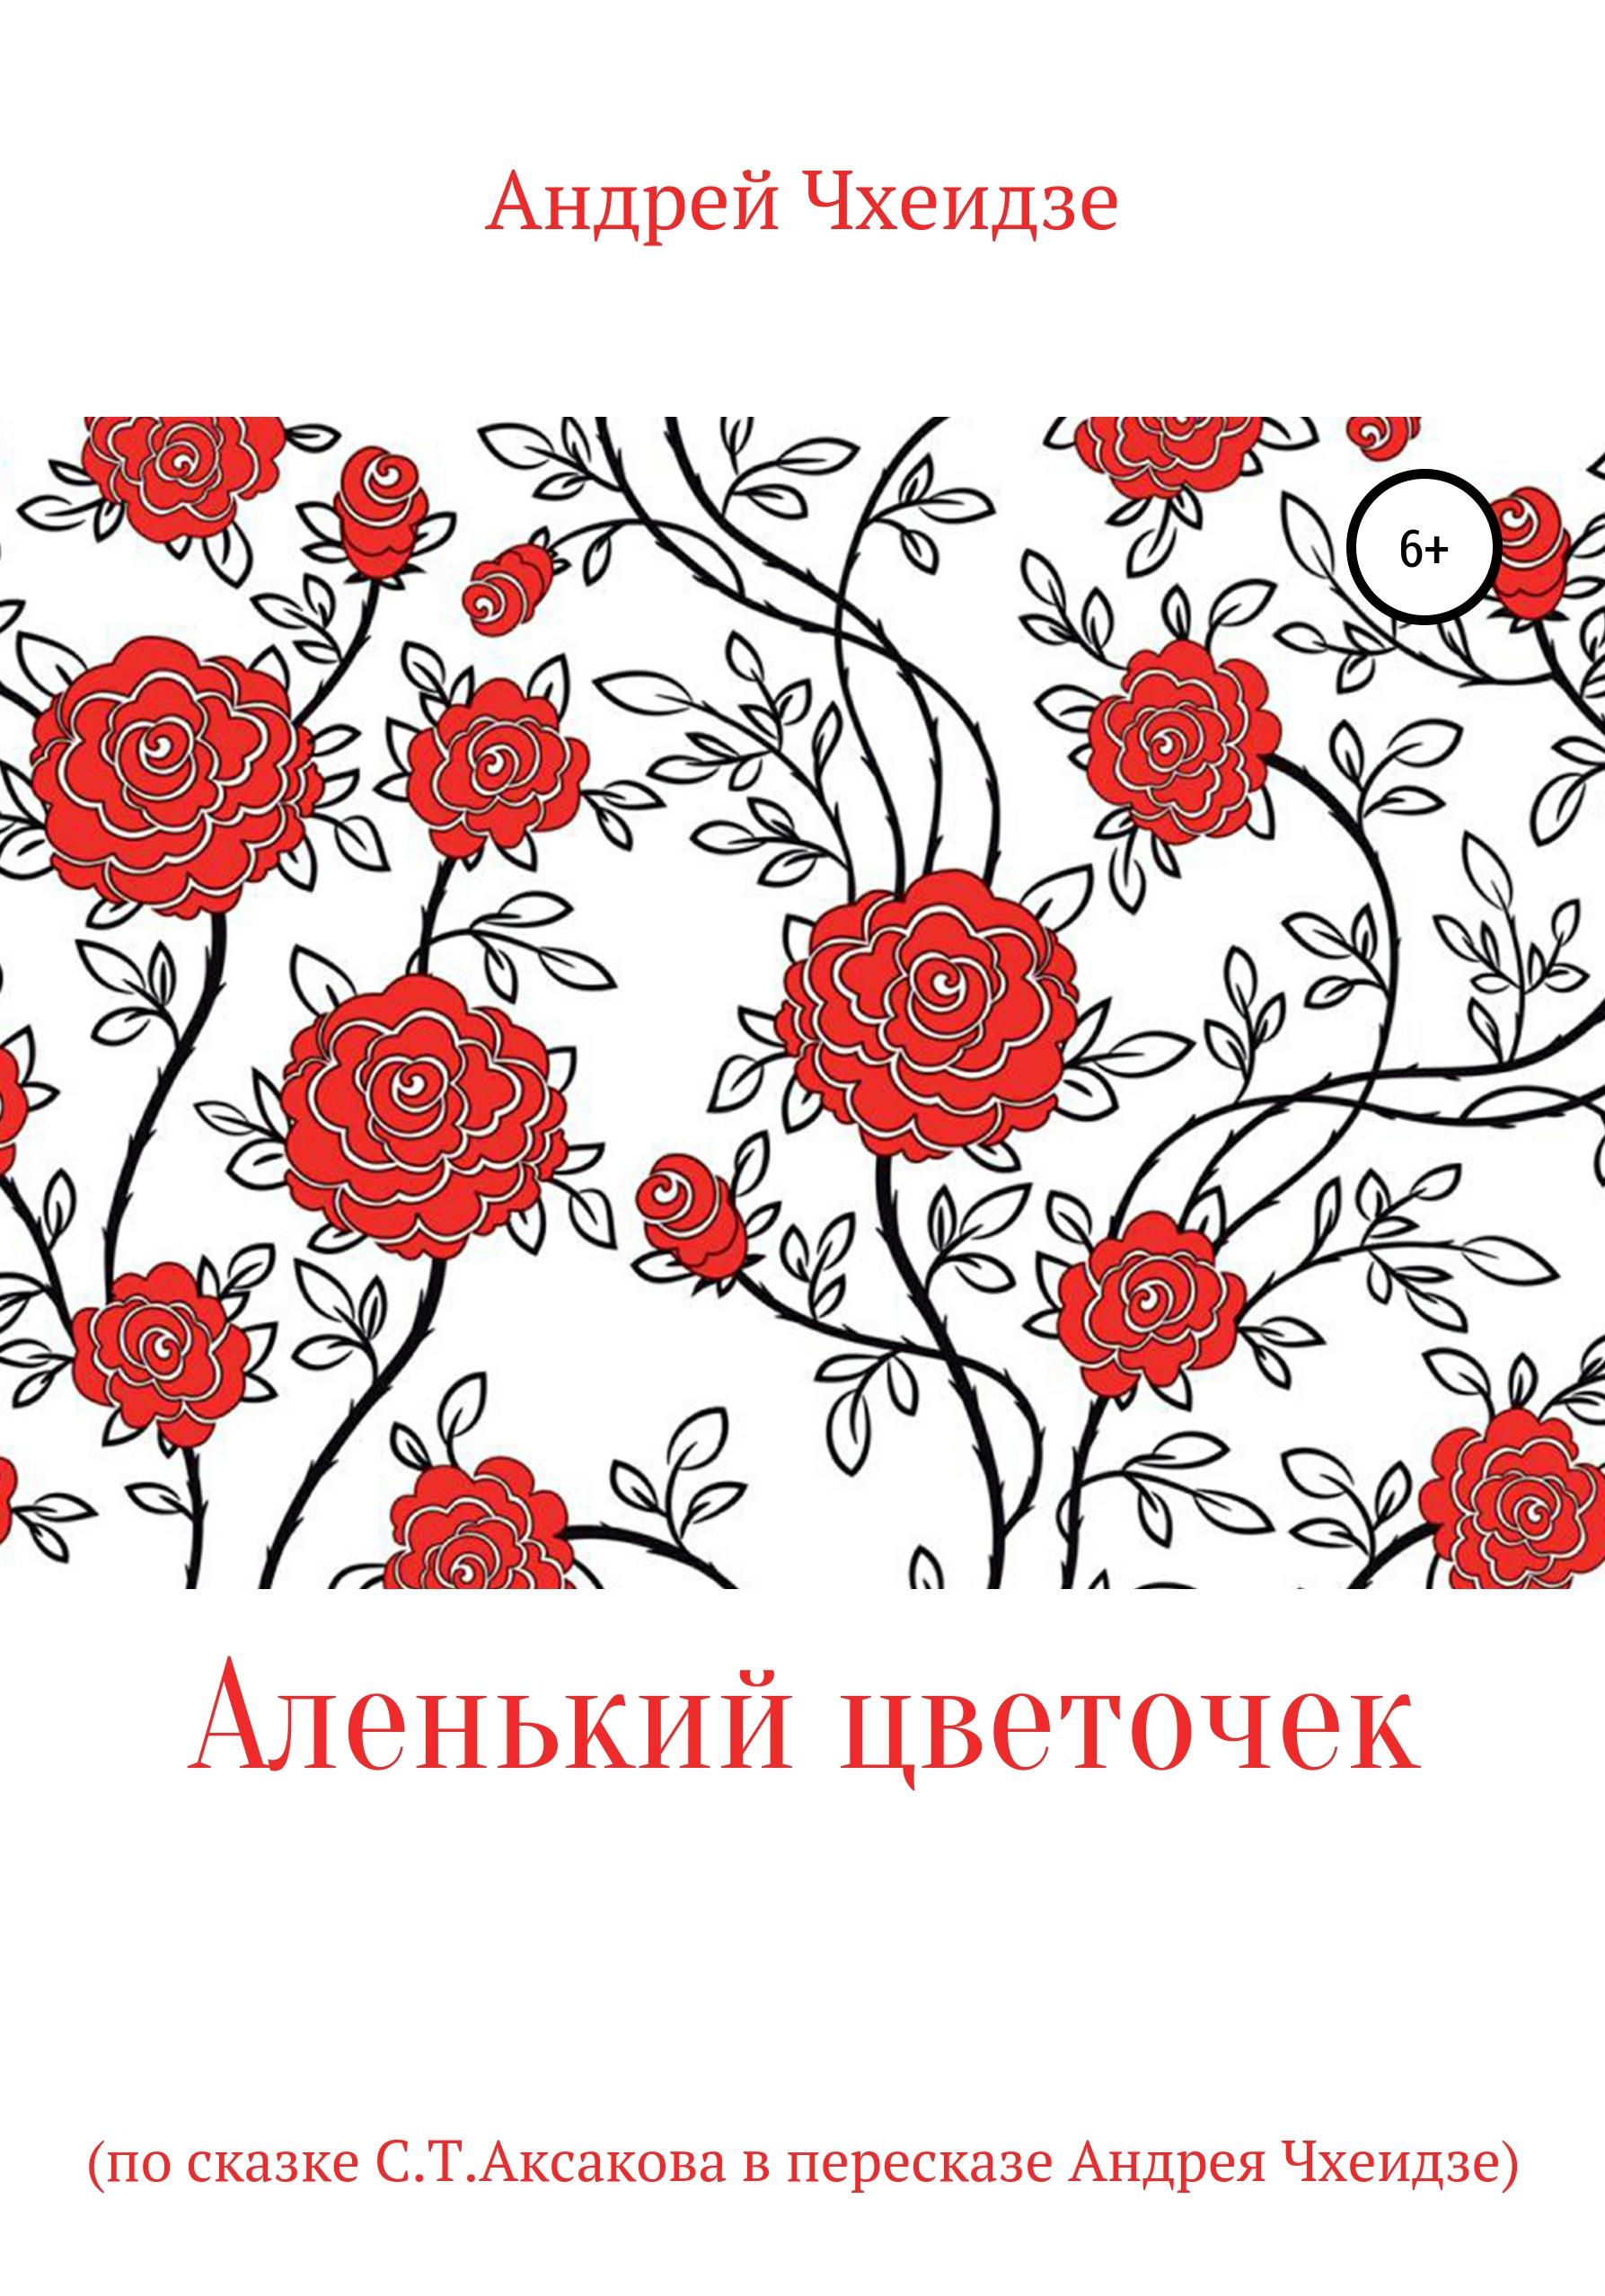 Андрей Чхеидзе Аленький цветочек андрей чхеидзе из жизни сергия радонежского эпизоды в изложении андрея чхеидзе